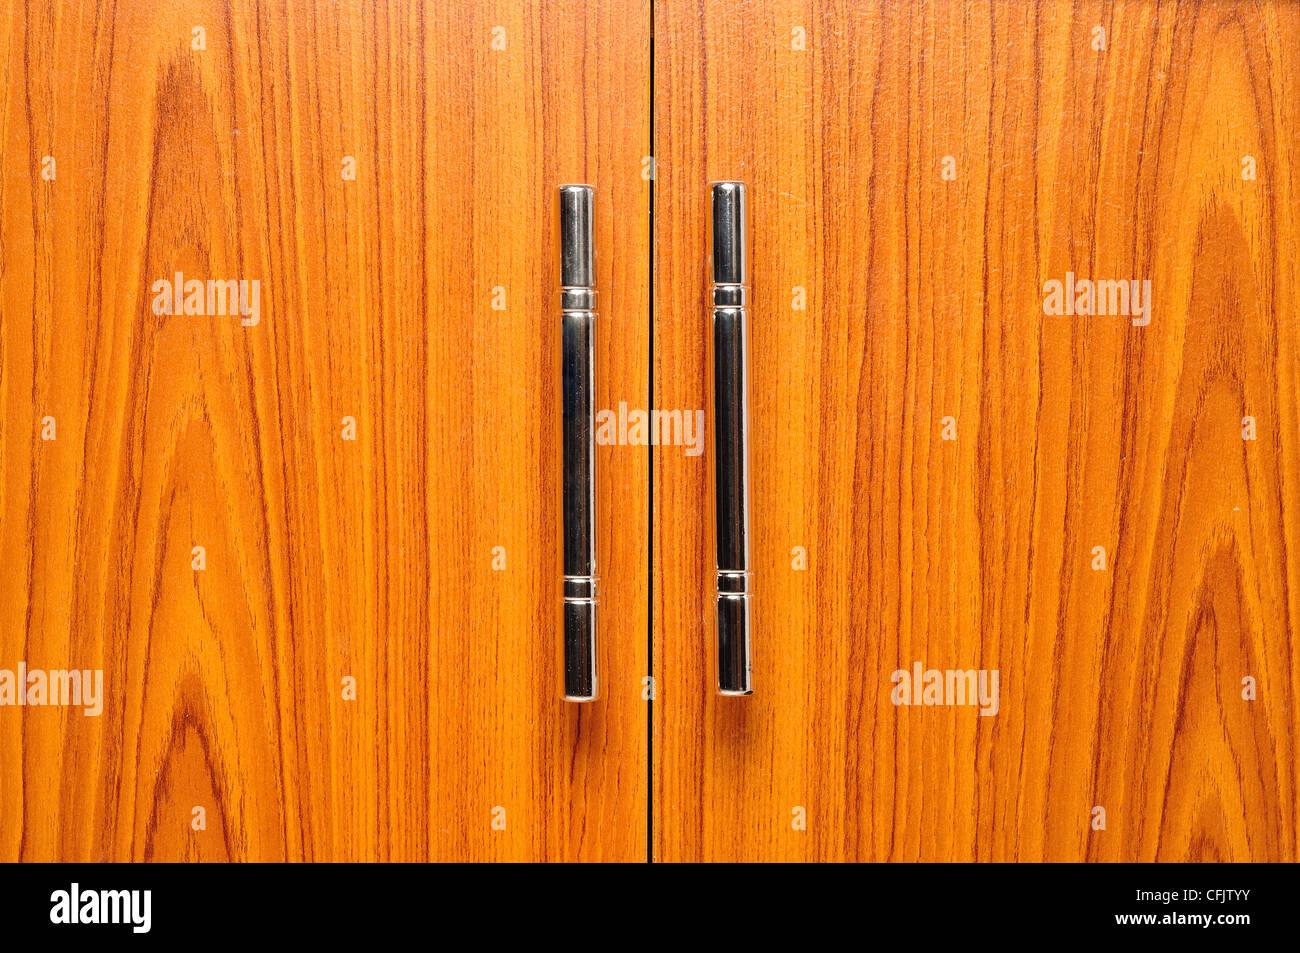 light brown doors with metal handles - Stock Image